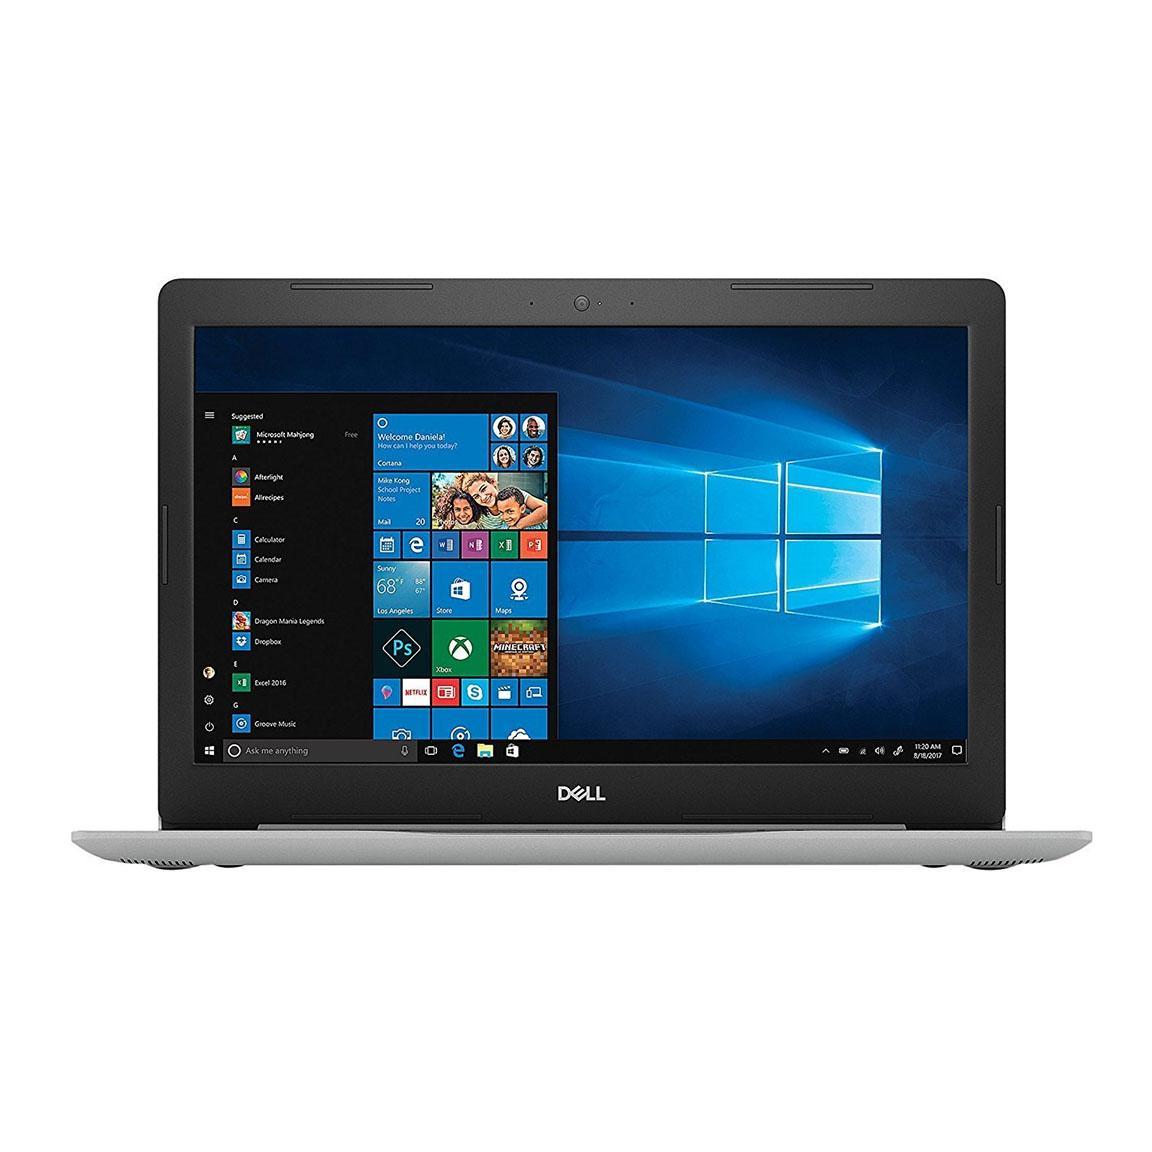 Dell Inspiron 5570 Intel Core i5-8250U, ram 8GB, SSD 128GB+ HDD 1TB, màn 15.6 inch FHD, laptop doanh nhân cao cấp